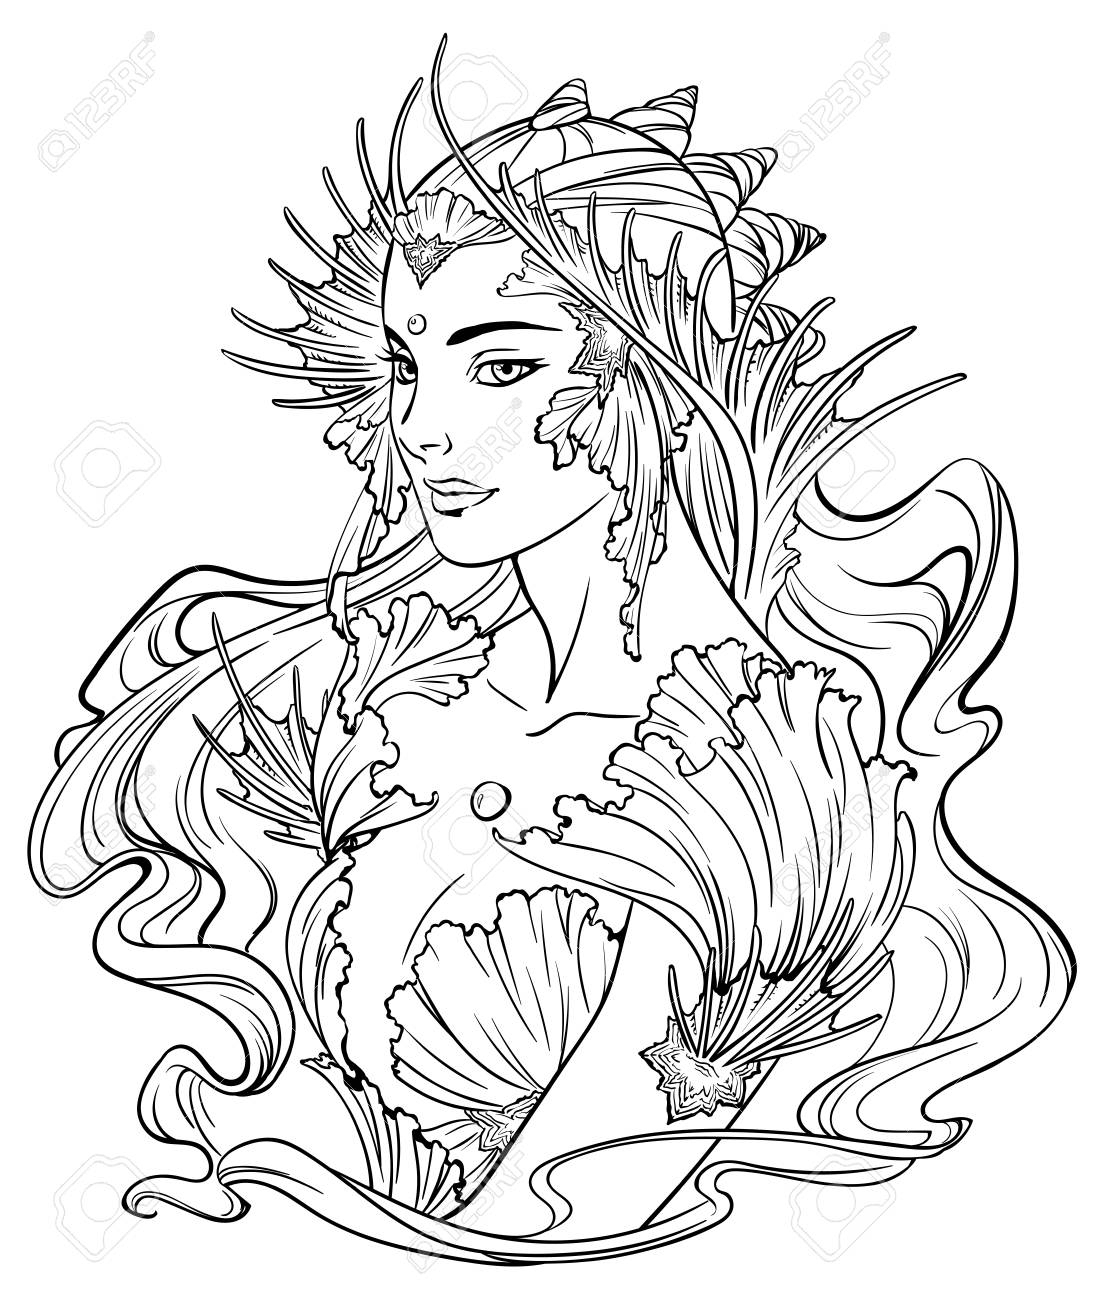 Illustration De Princesse De Sirène Avec Des Cheveux Frisés, Décorée Avec  Des Éléments De Coquillage. Noir Et Blanc, Anti-Stress. Livres De Coloriage intérieur Coloriage Princesse Sirene